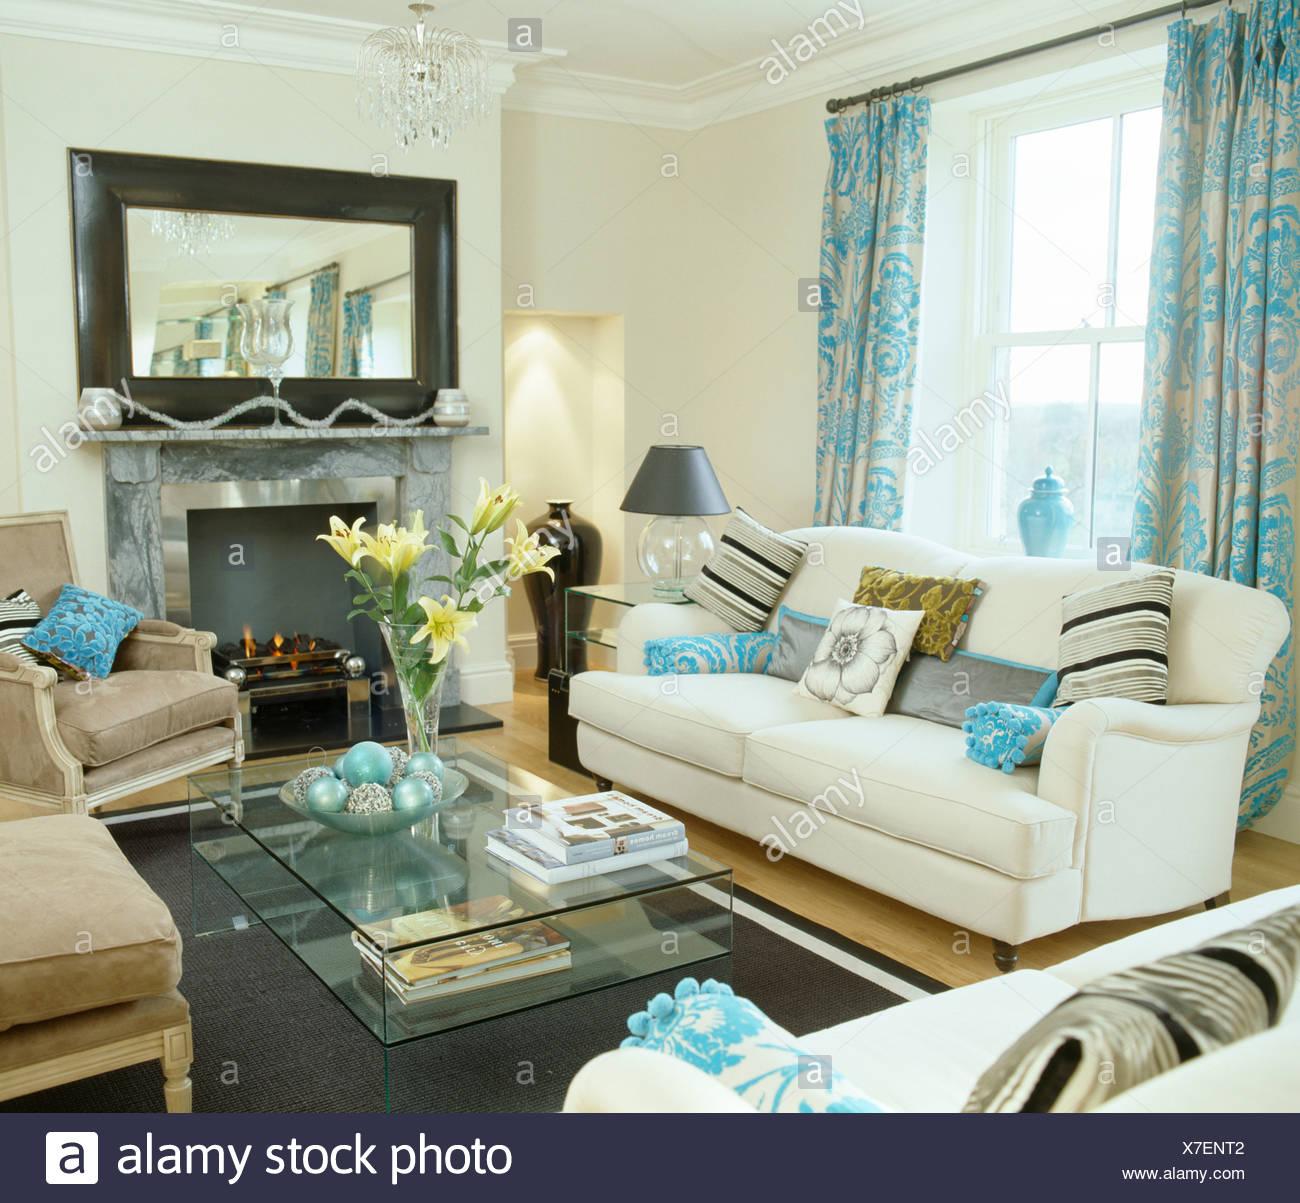 Gemusterte Türkis Vorhänge am Fenster über dem weißen Sofa in weiß ...